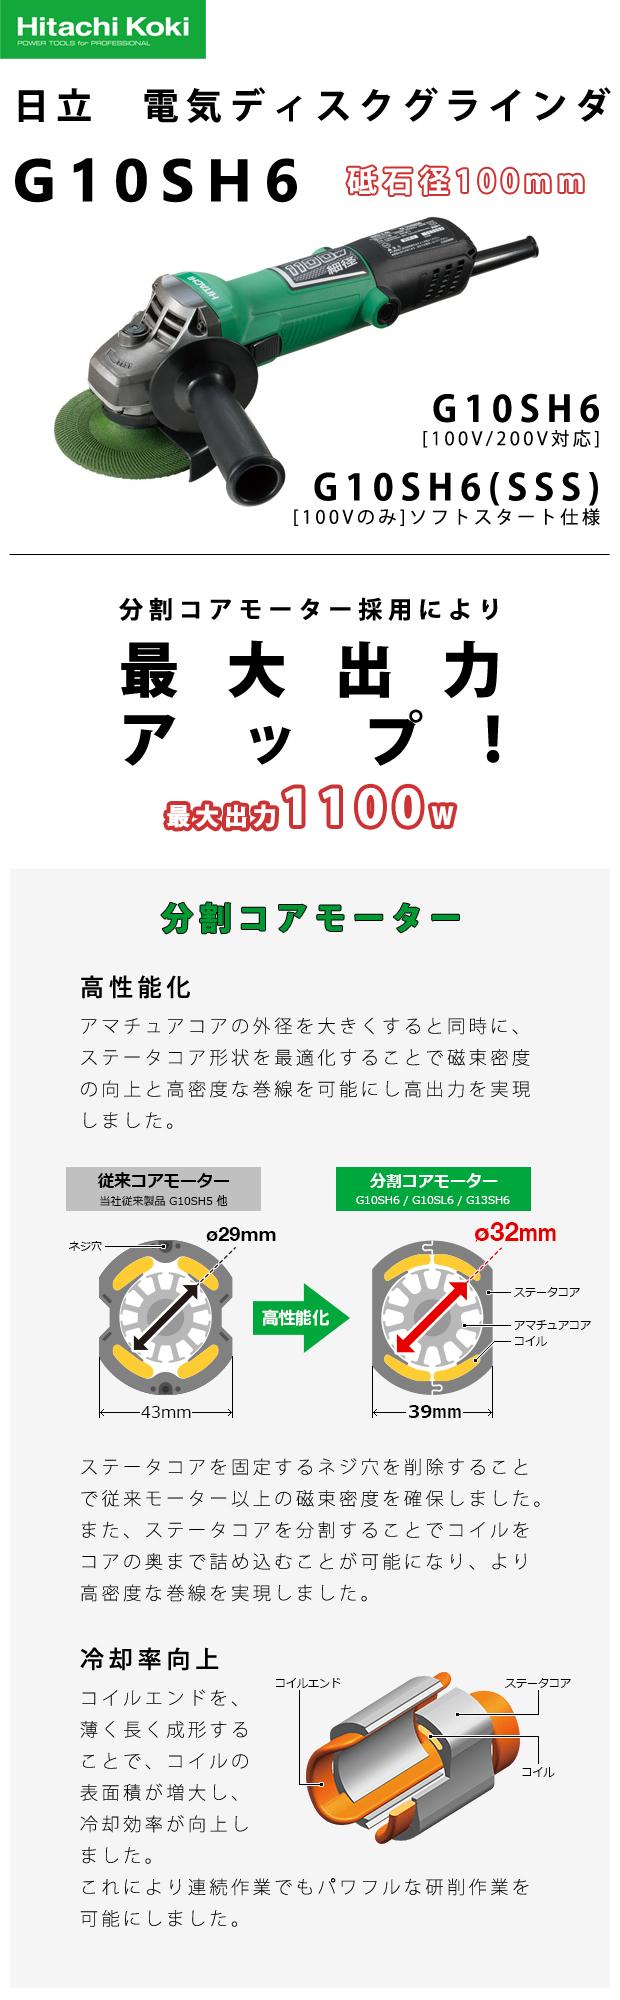 日立 電気ディスクグラインダ G10SH6